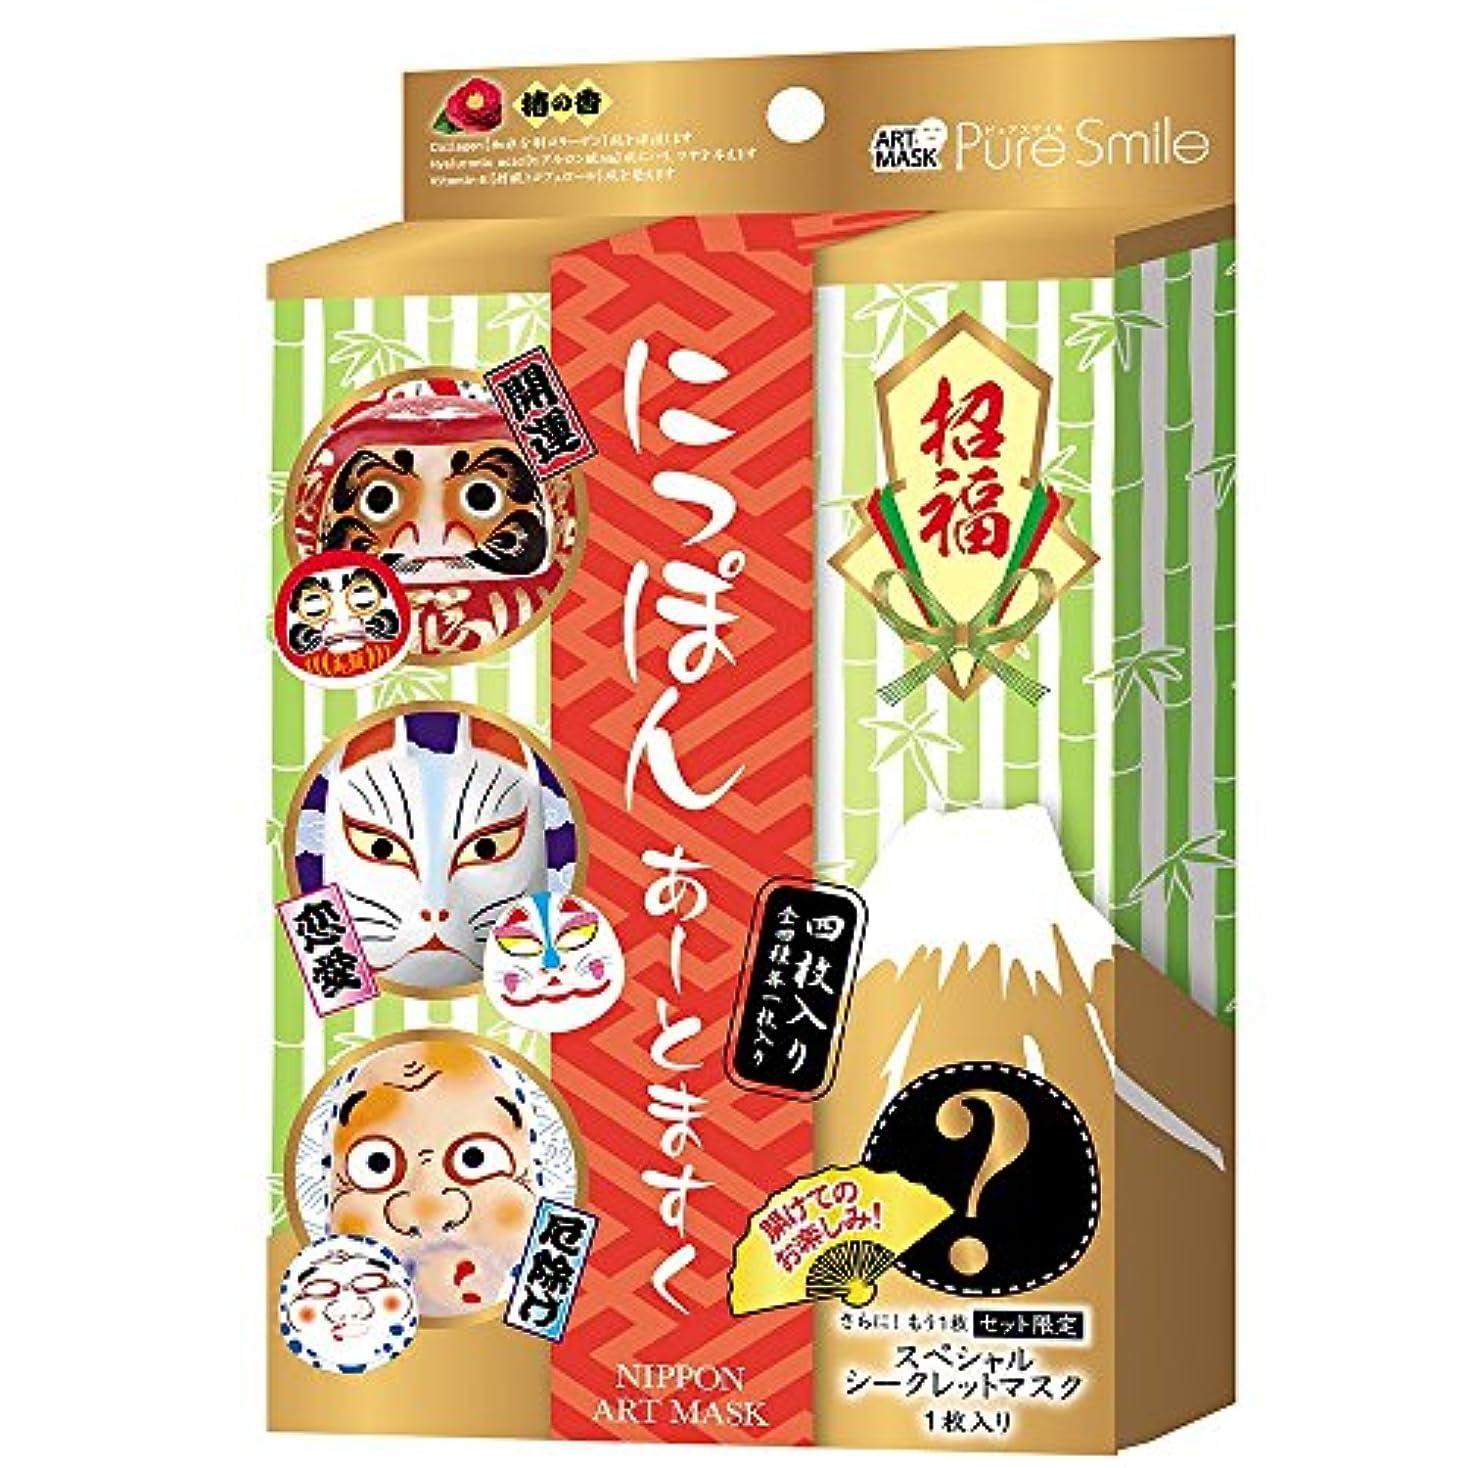 寛容続編単位ピュアスマイル 招福にっぽんアートマスク お得なセットBOX(全4種類各1枚入り)